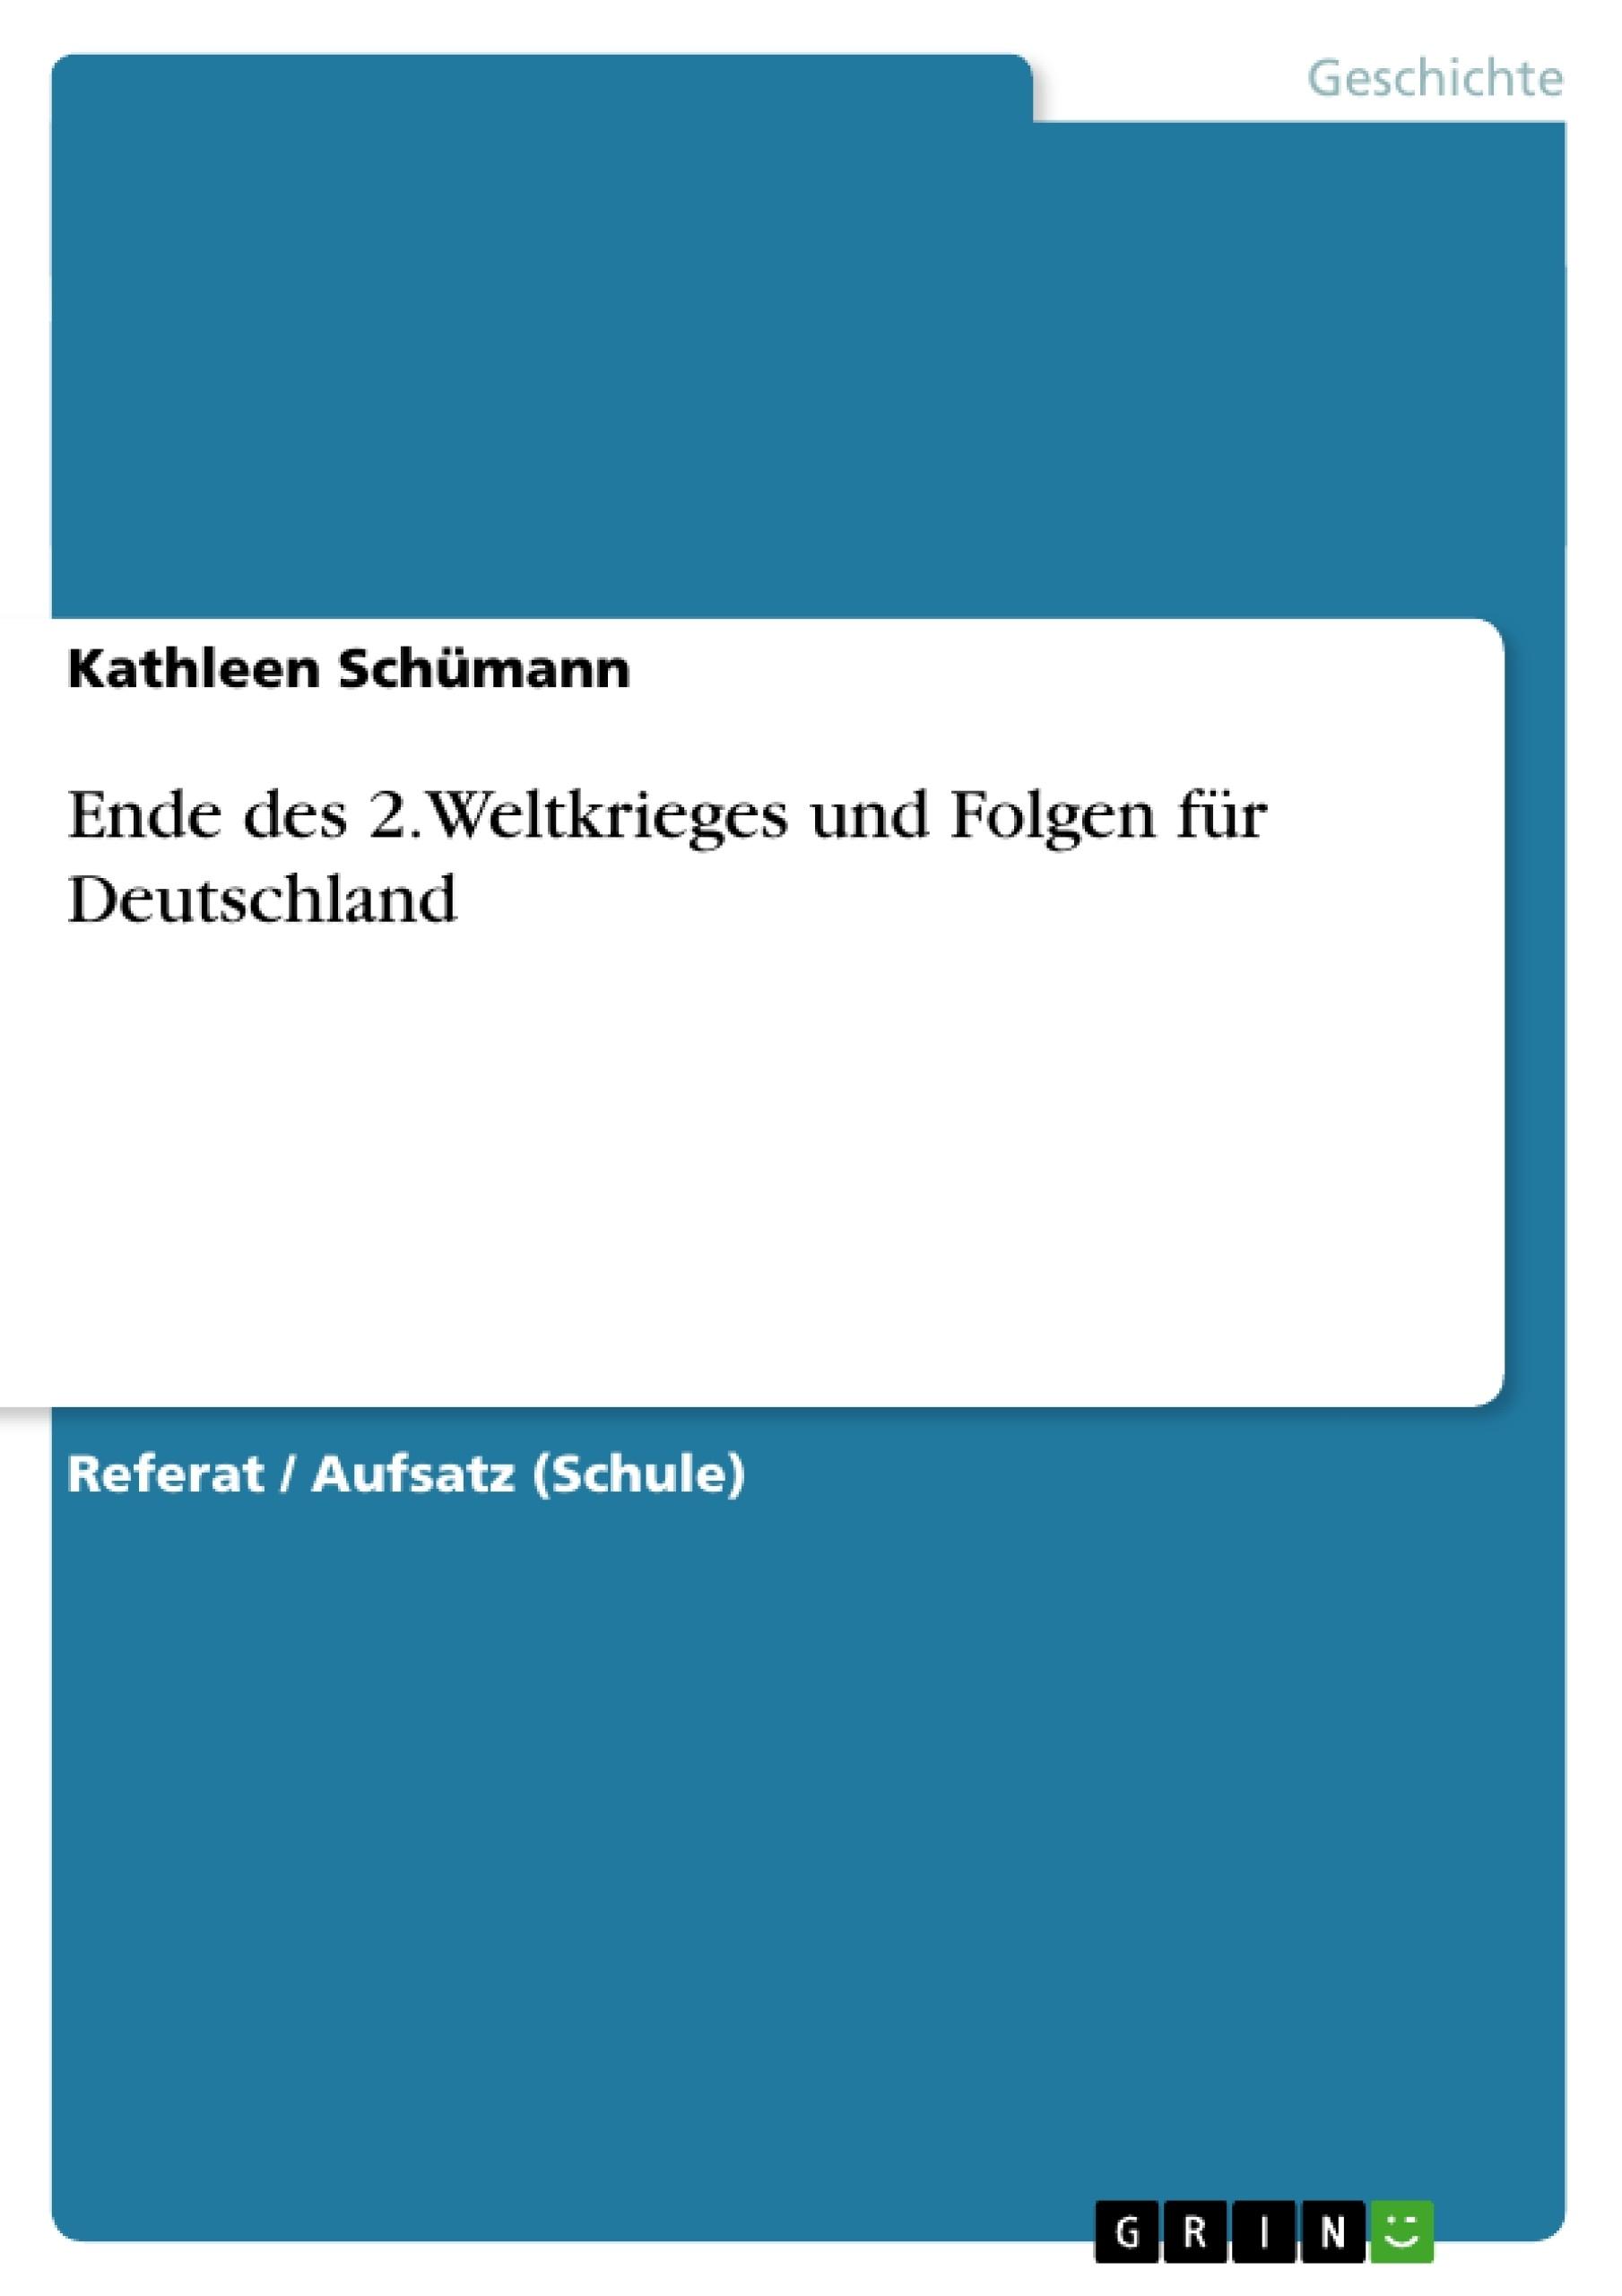 Titel: Ende des 2.Weltkrieges und Folgen für Deutschland